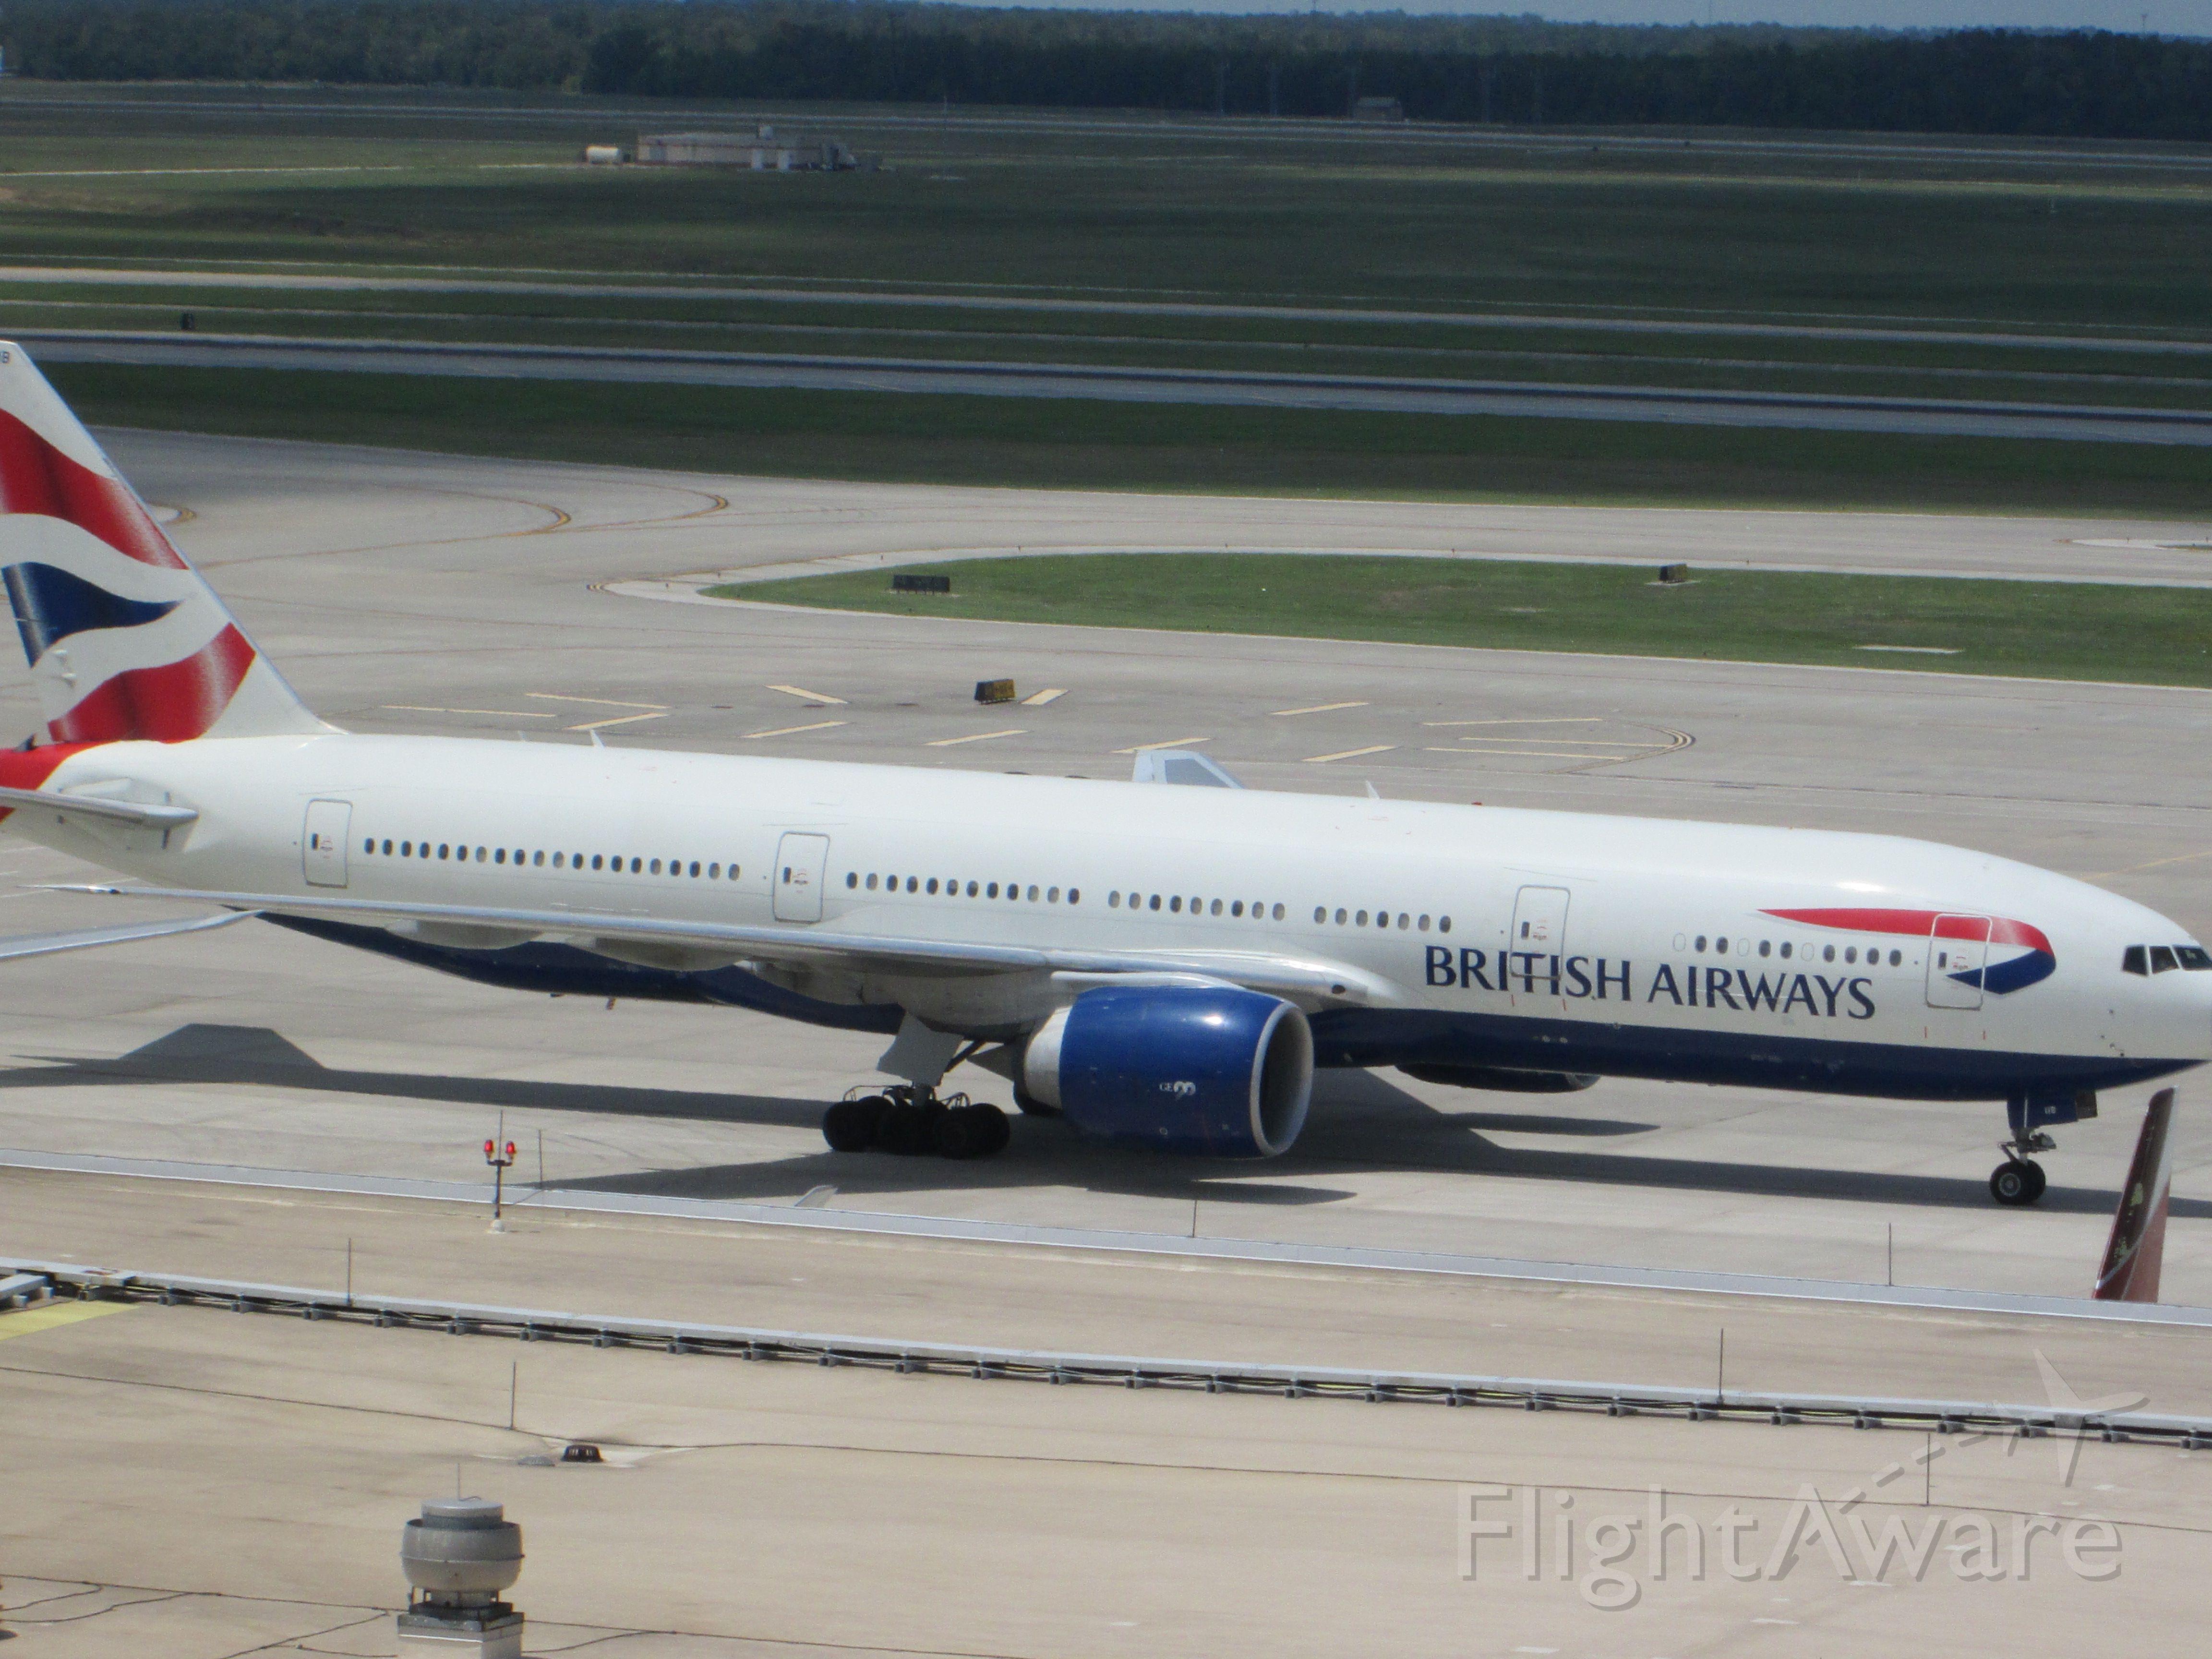 Boeing 777-200 (G-VIIB)